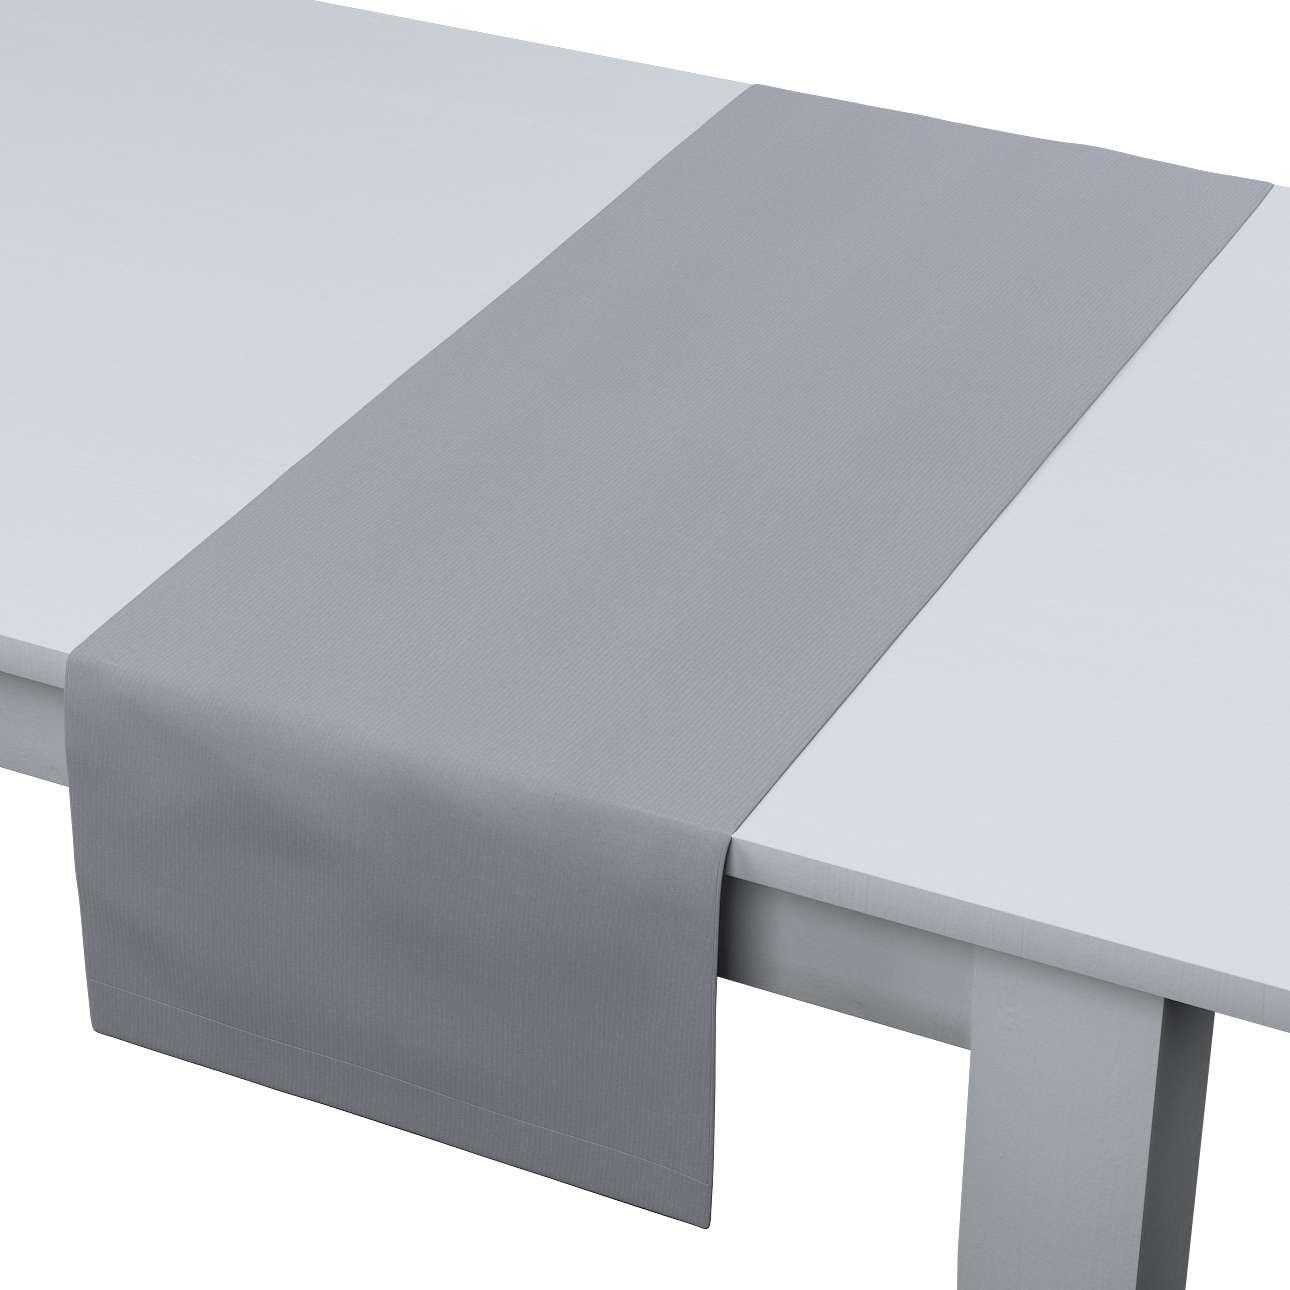 Rechteckiger Tischläufer 40 x 130 cm von der Kollektion Jupiter, Stoff: 127-92